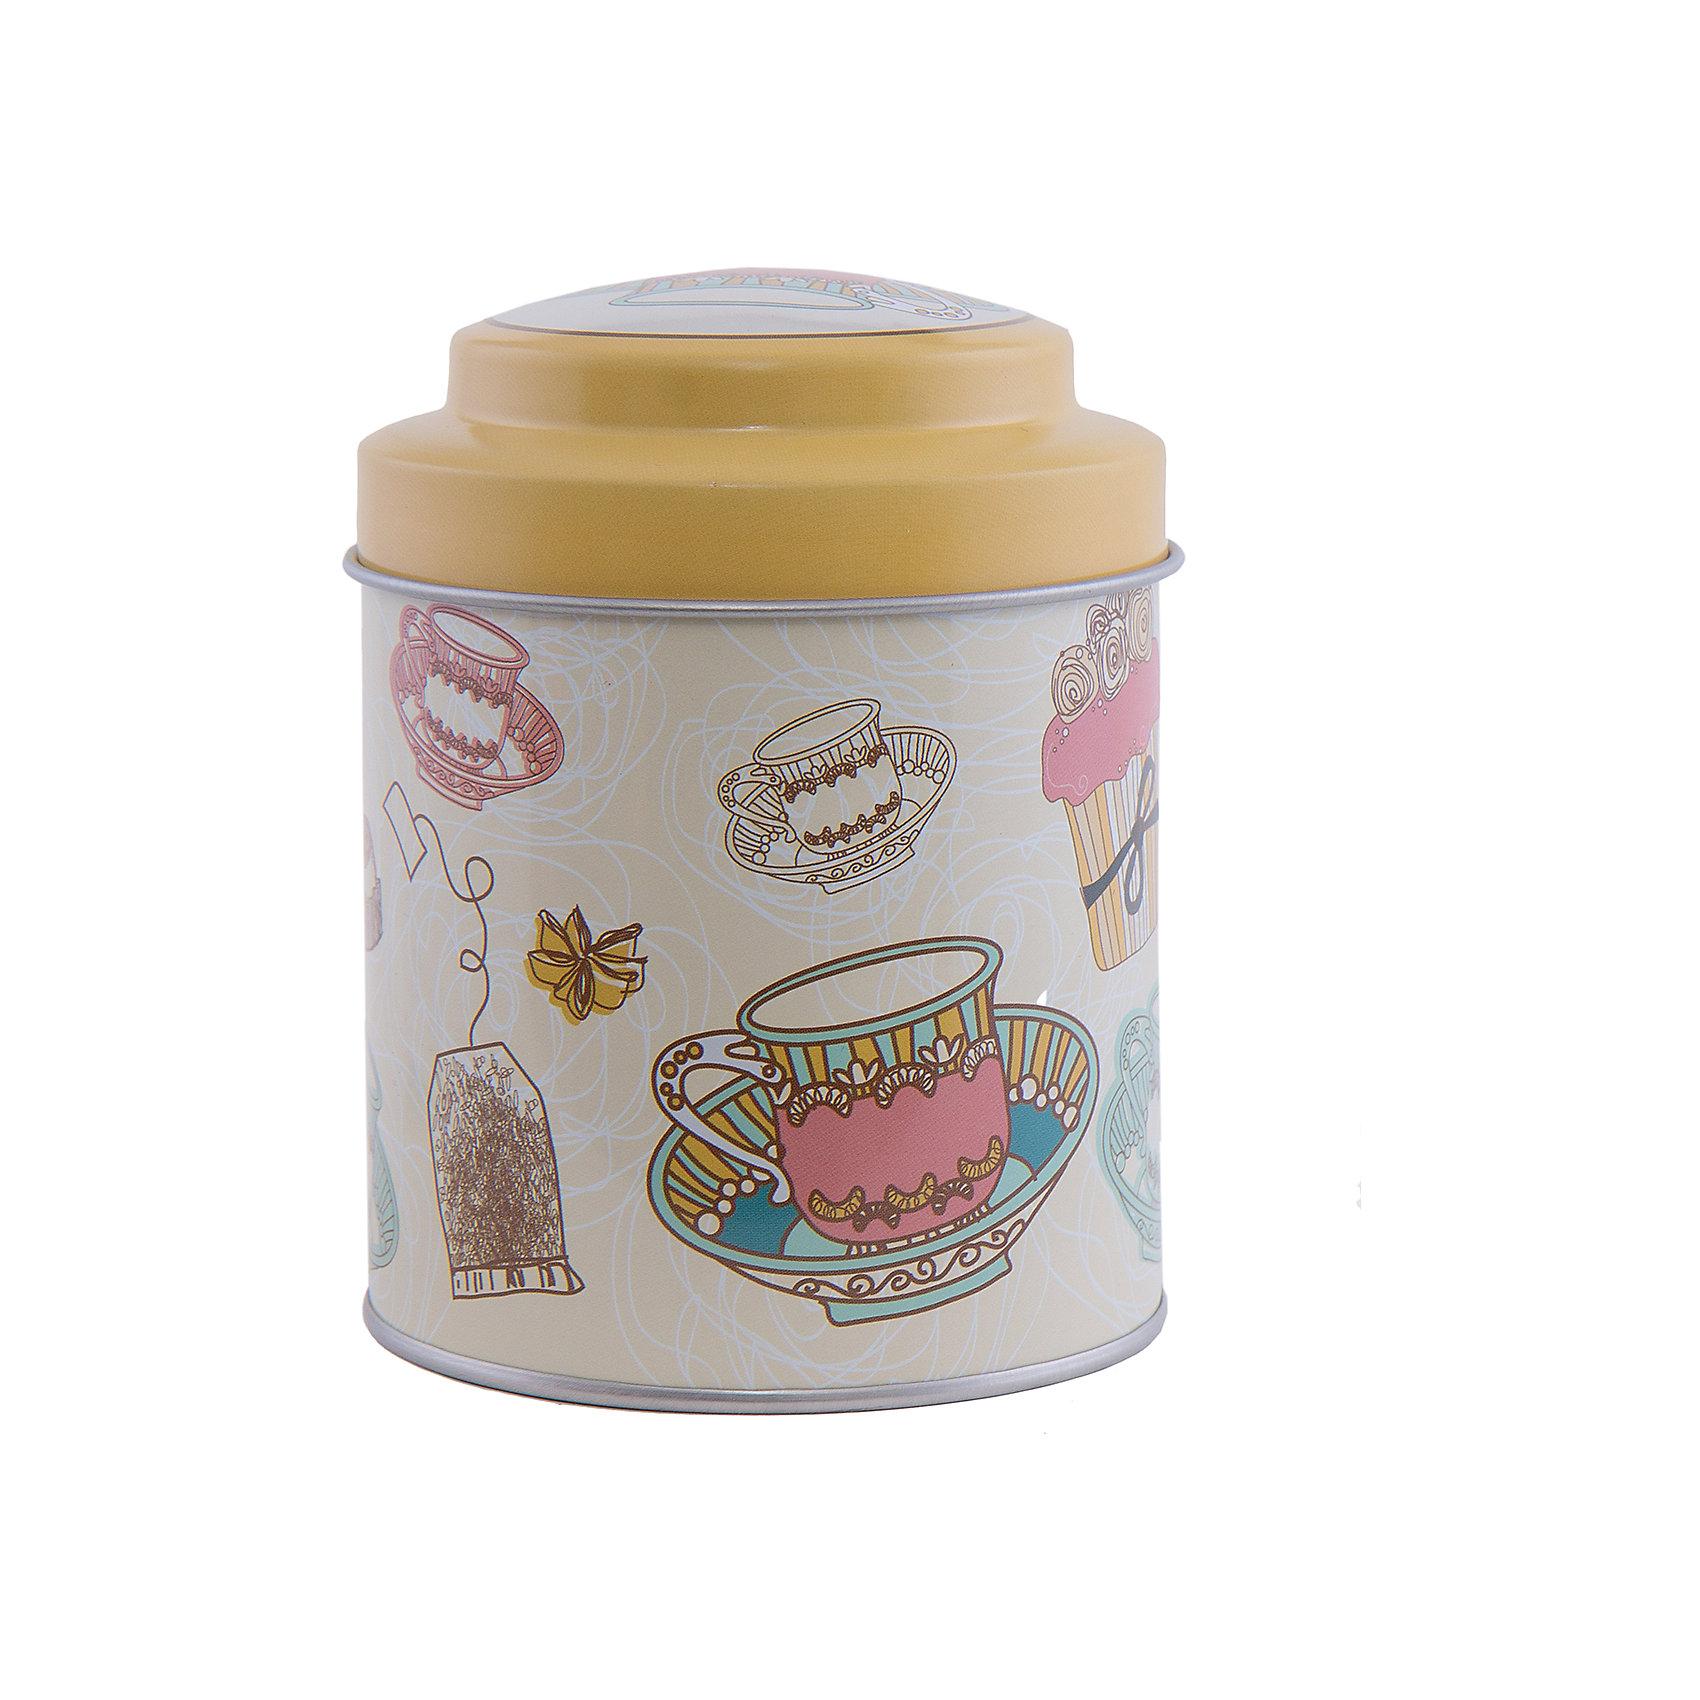 Феникс-Презент Емкость для сыпучих продуктов Чайное утро 680мл, Феникс-Презент